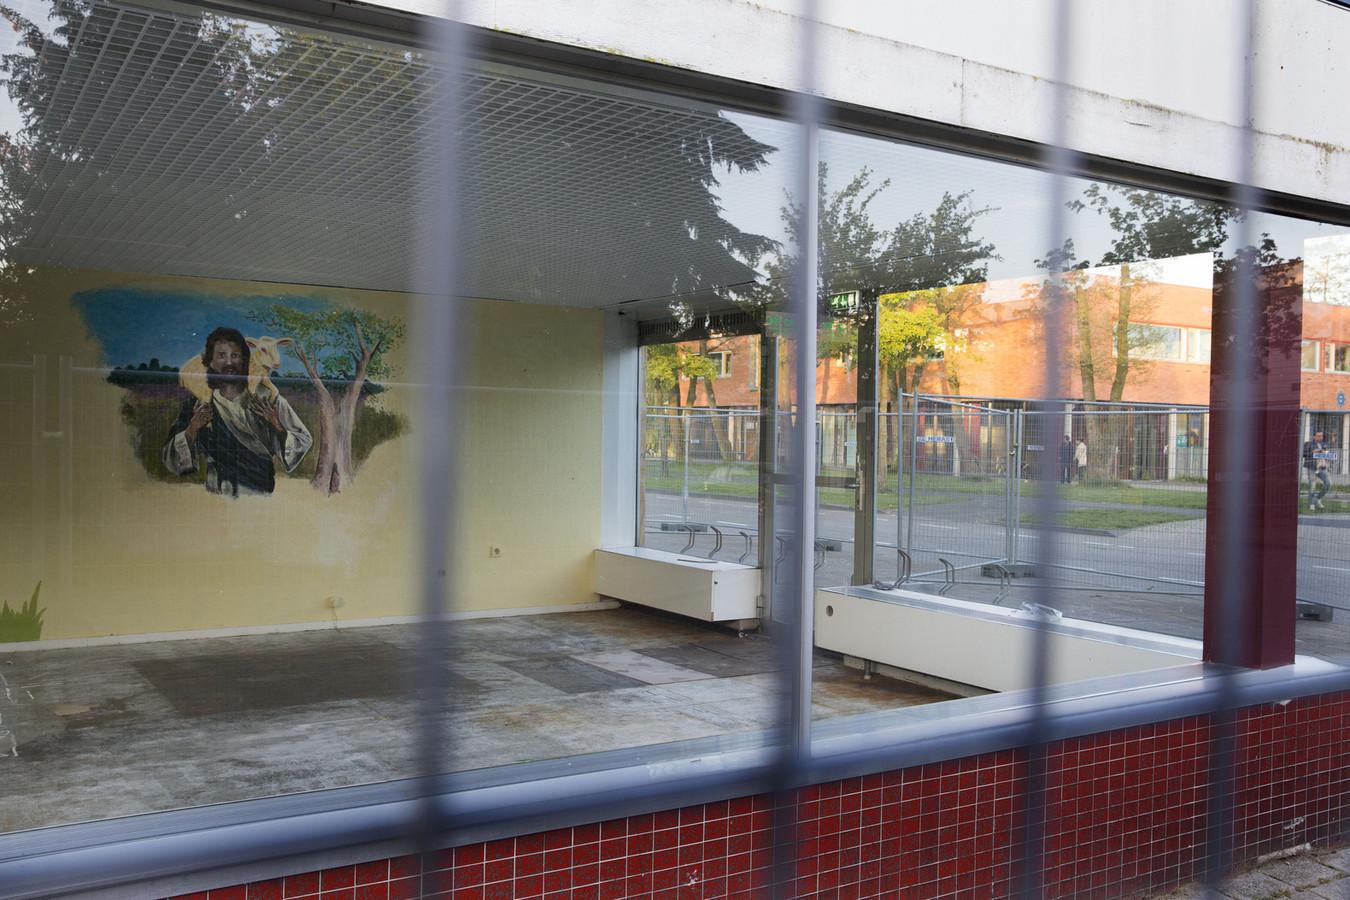 Het winkelcentrum in Ede dat gesloten is tegen de zin van rellende jongeren.